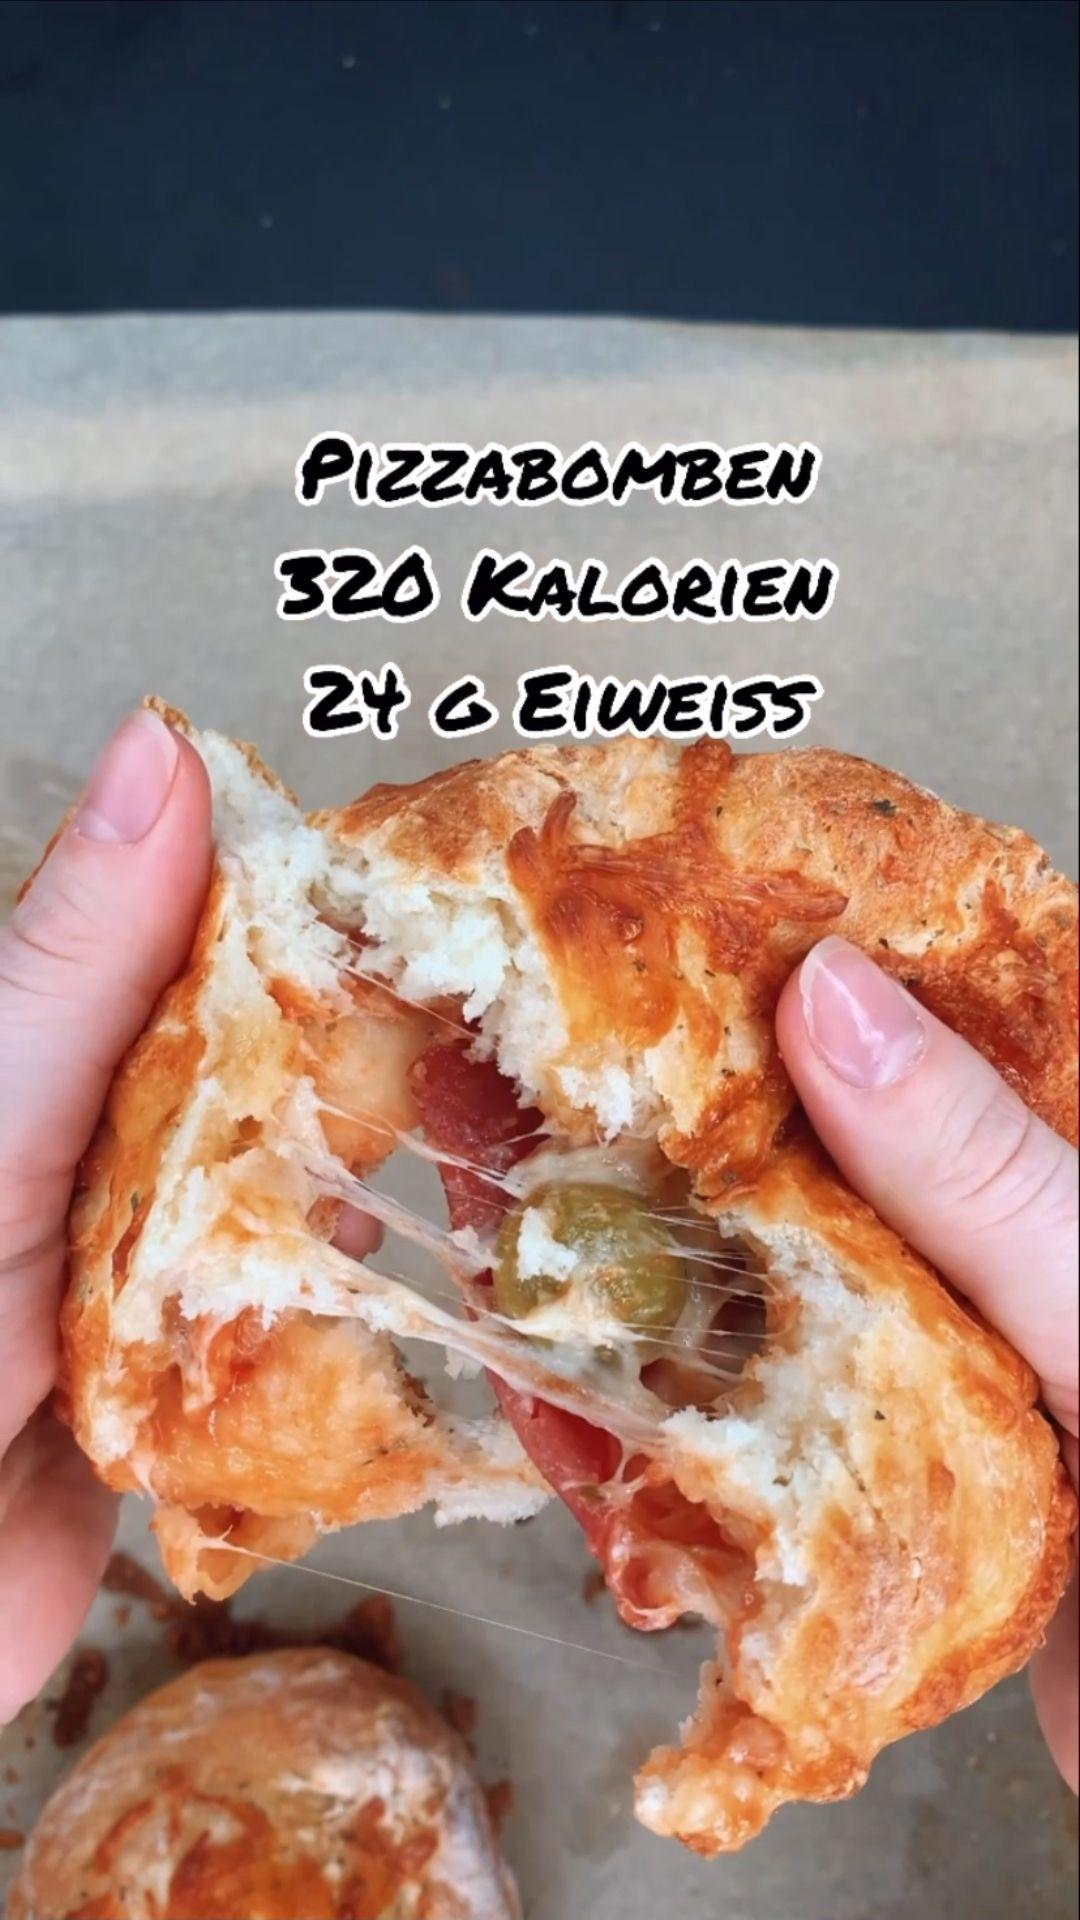 Pizza-Bomben